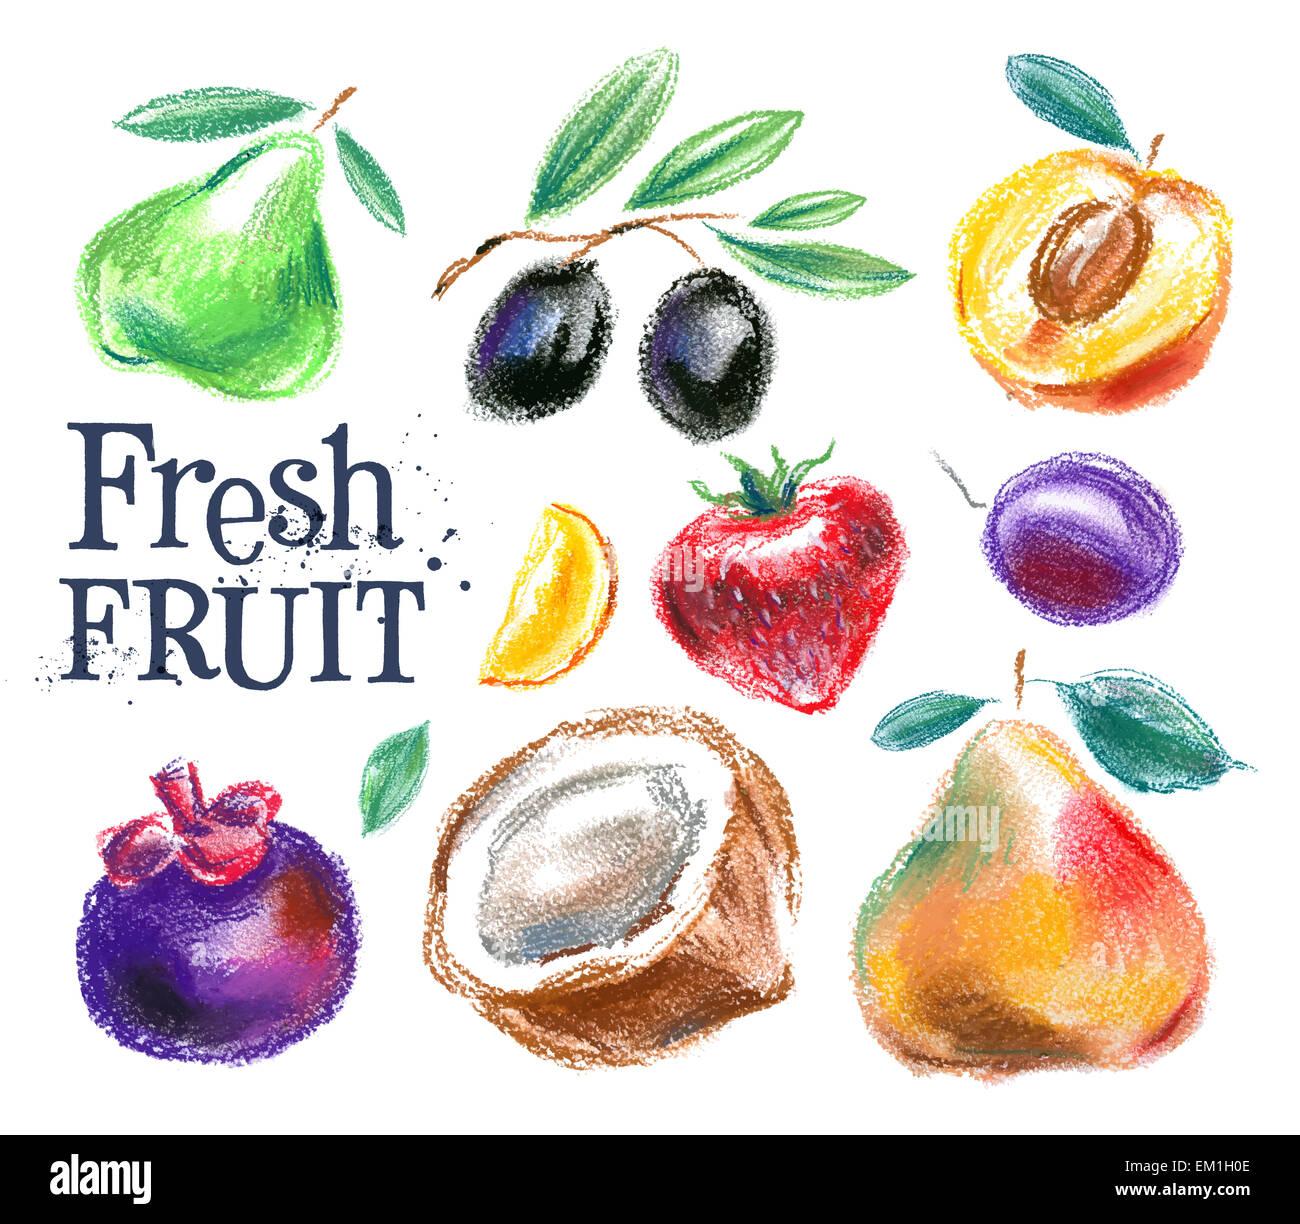 Obst-Vektor-Logo-Design-Vorlage. Lebensmittel oder Ernte-Symbol. Stockbild